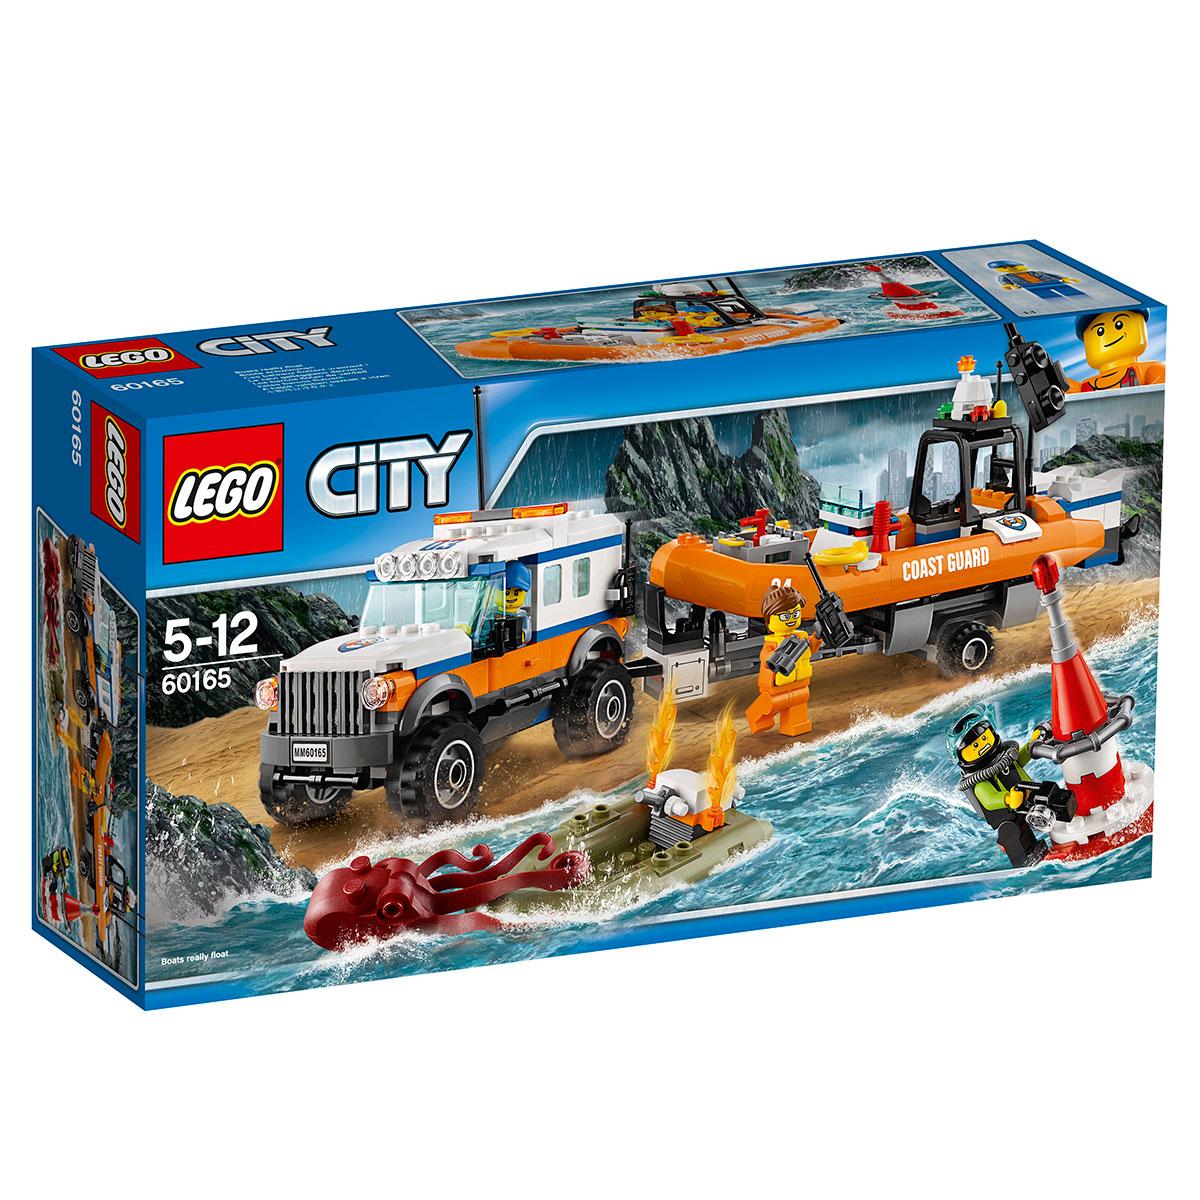 LEGO City firhjulstrukket udrykningsenhed